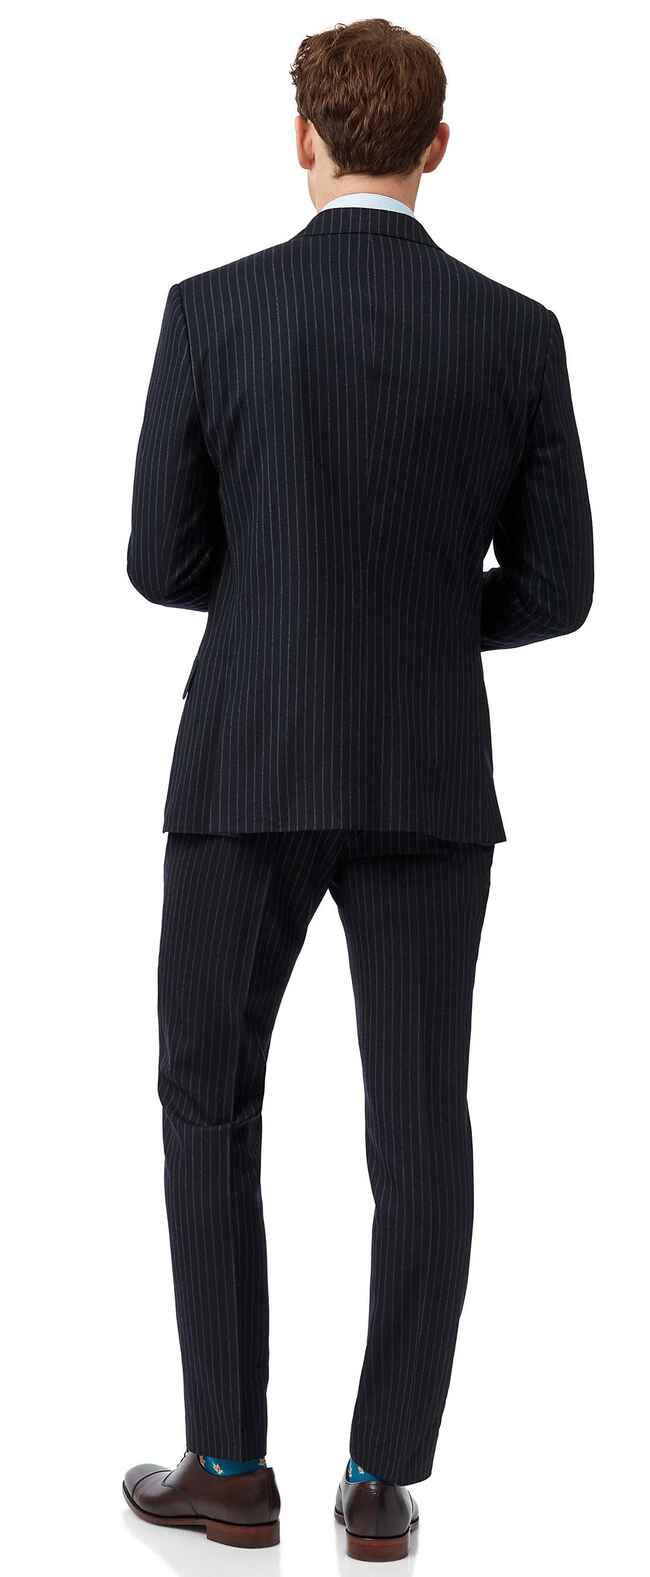 Britischer Slim Fit Luxusanzug mit Streifen in Marineblau